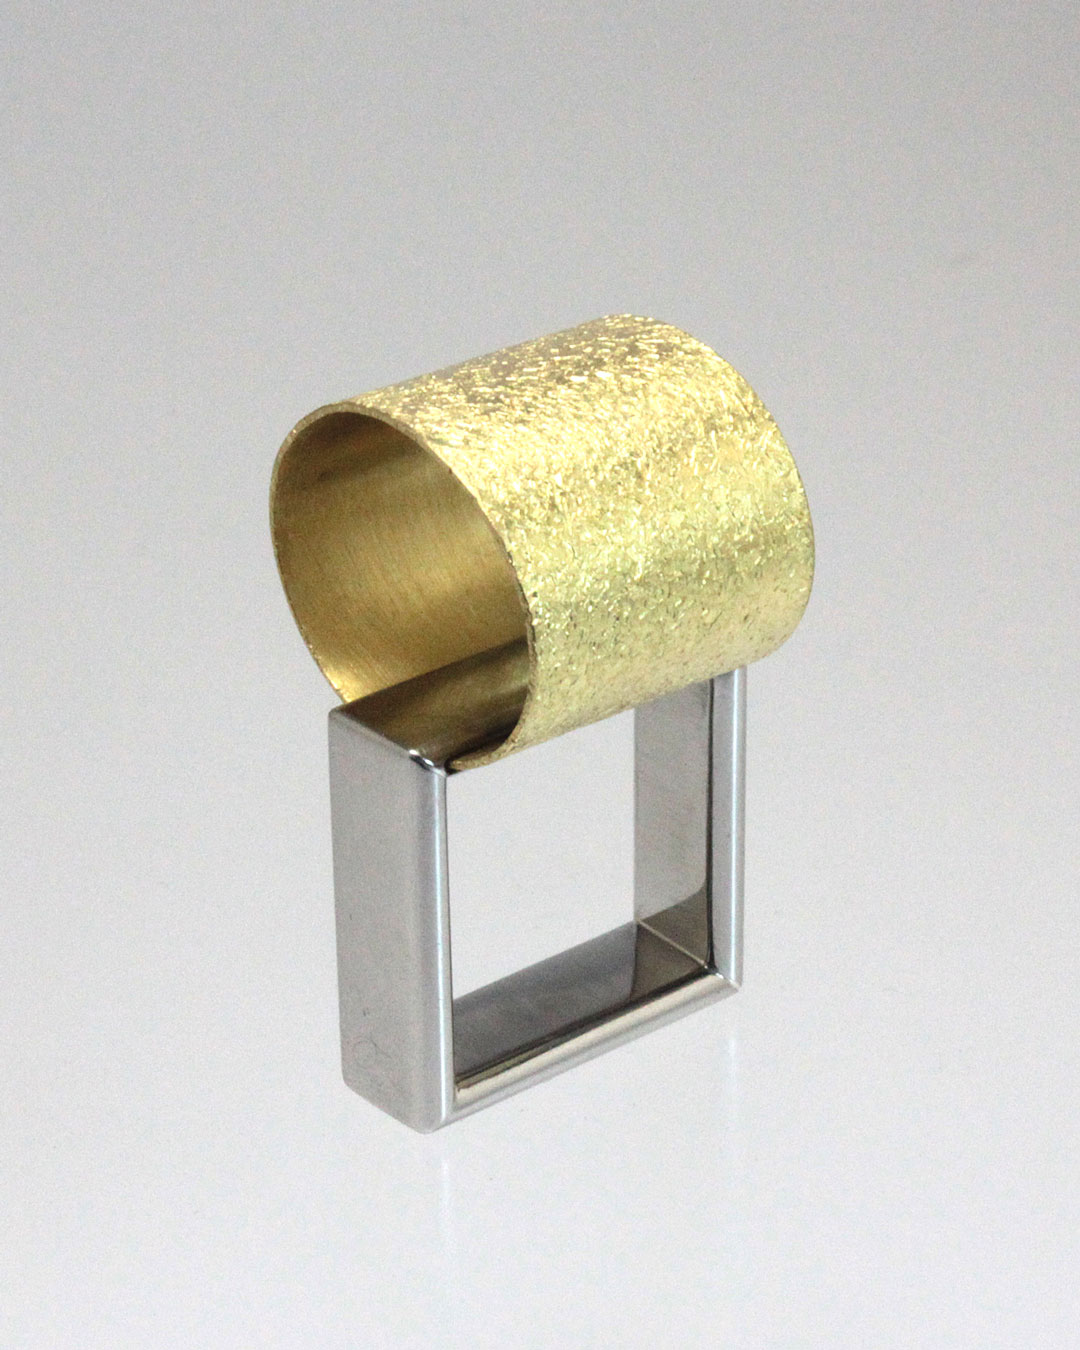 Okinari Kurokawa, untitled, 2014, ring, 20ct gold, stainless steel, 38 x 22 x 21 mm